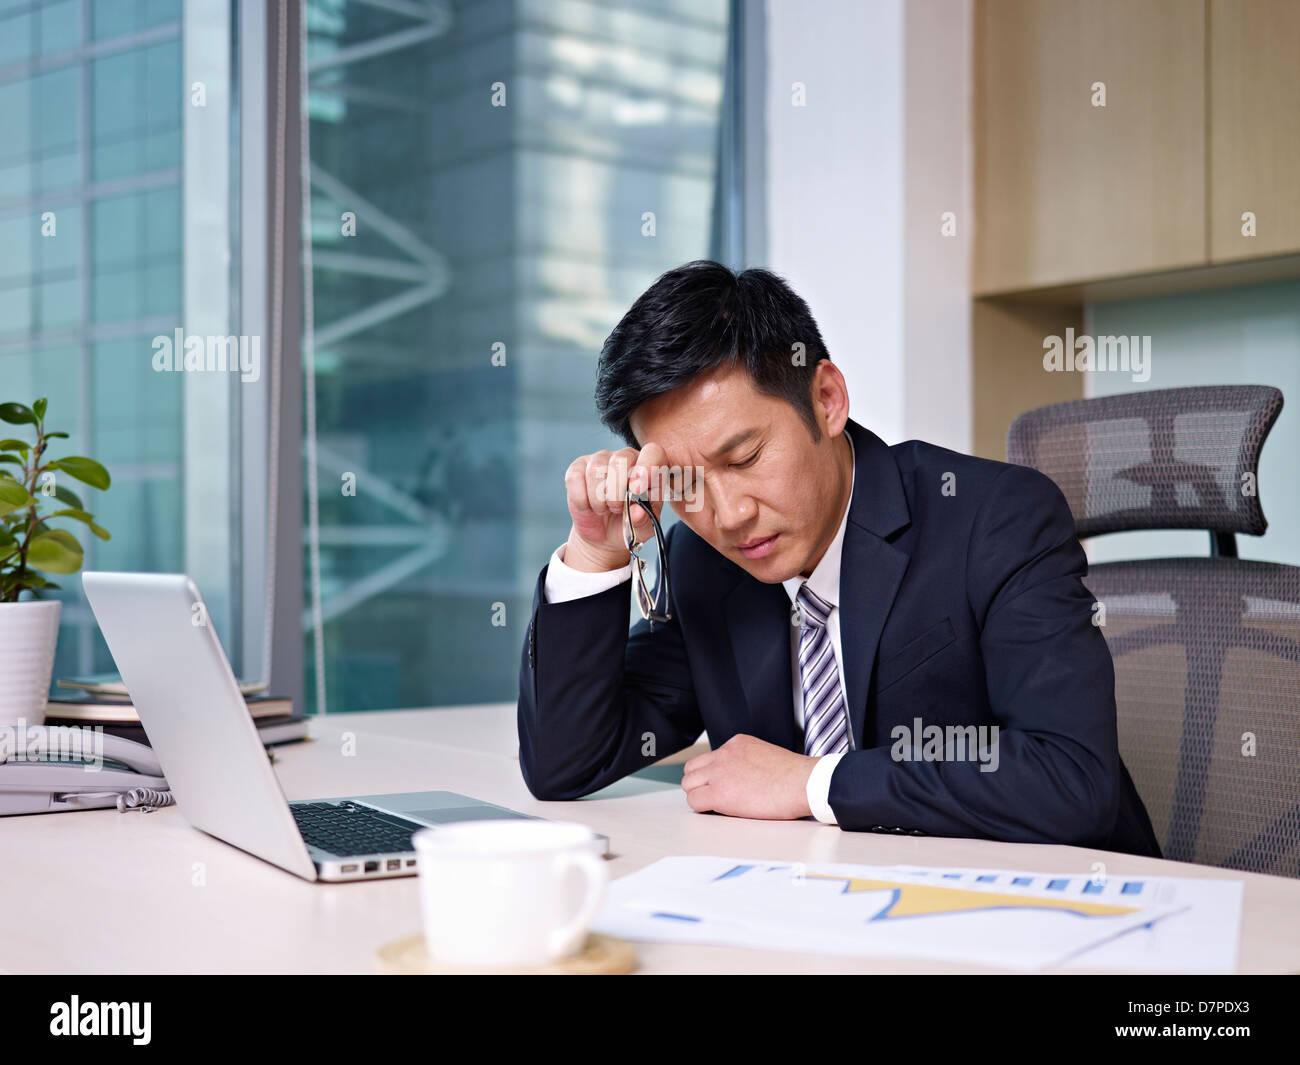 Asian Business Executive - Stock Image